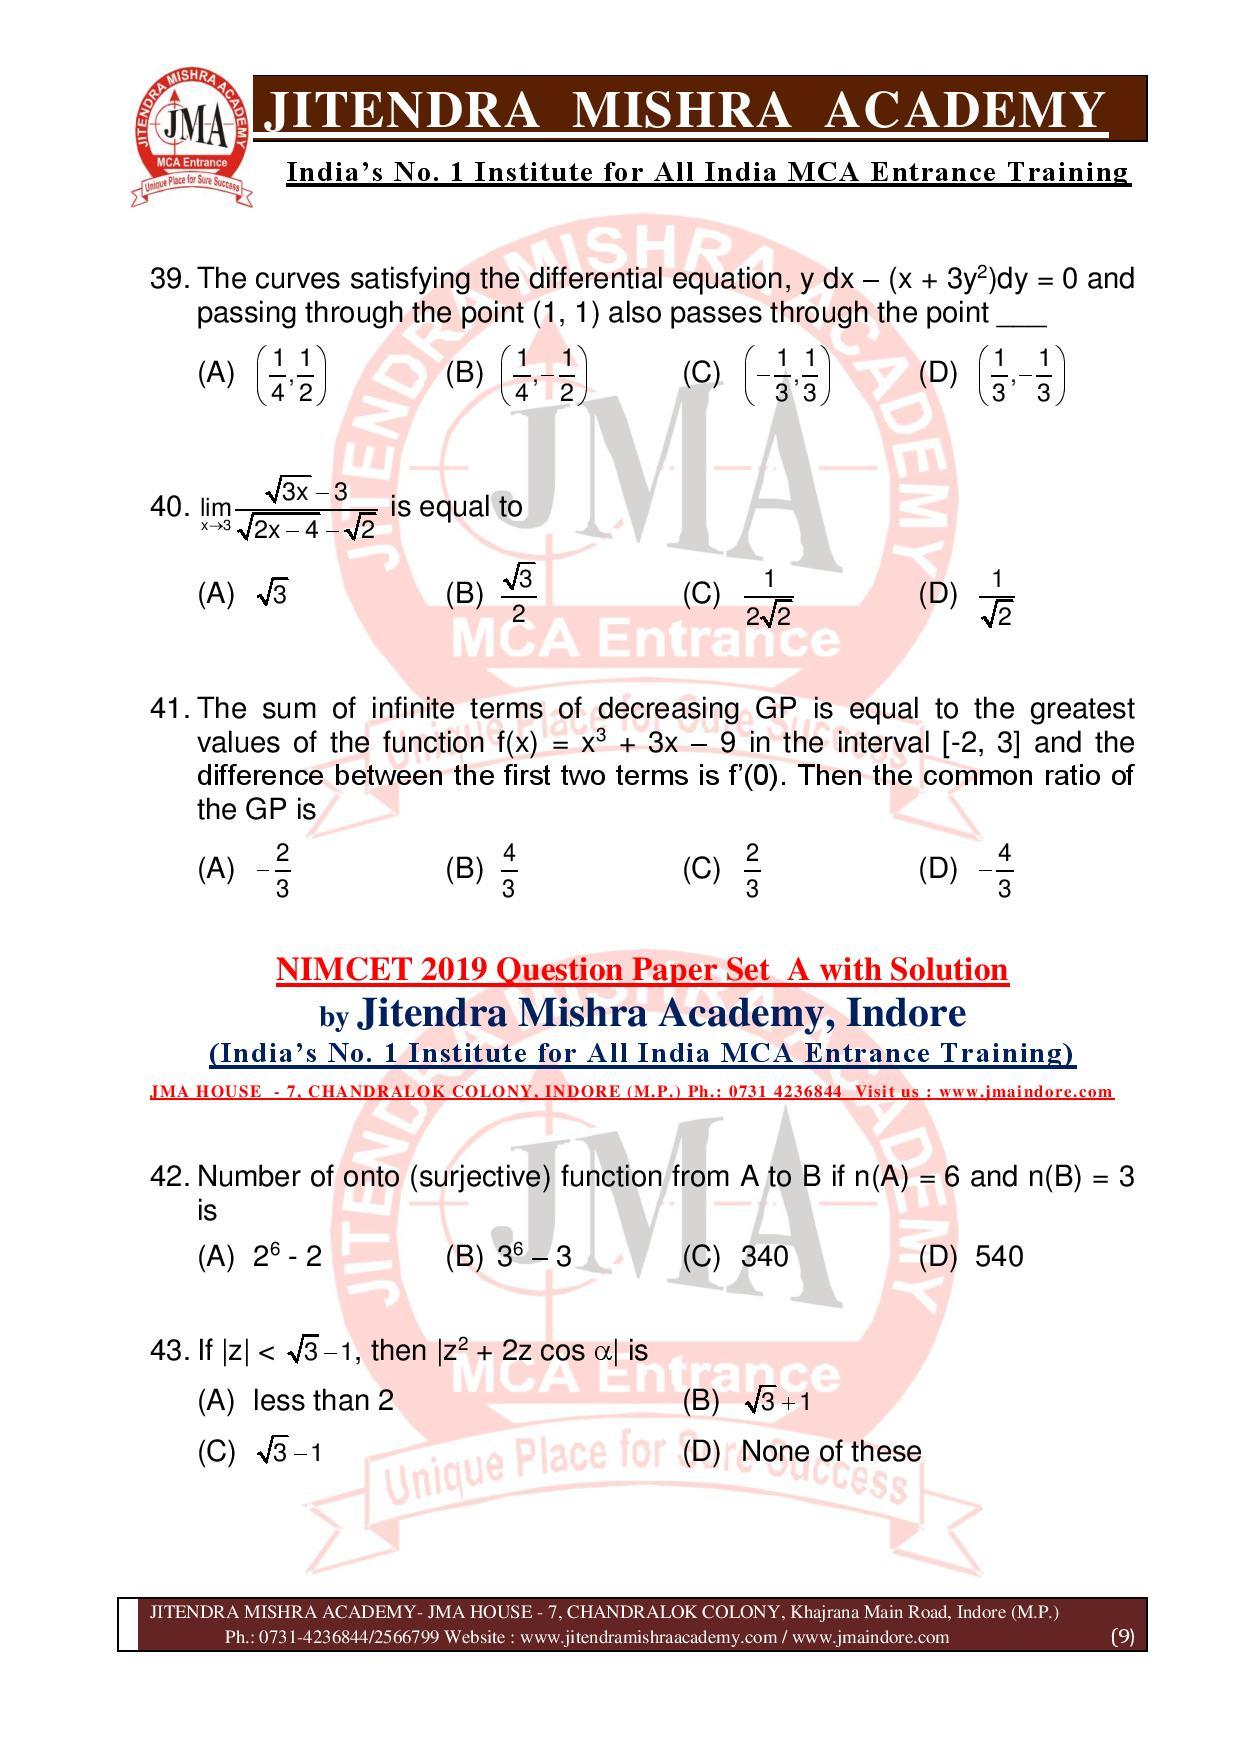 NIMCET 2019 QUESTION PAPER (SET - A) final-page-009